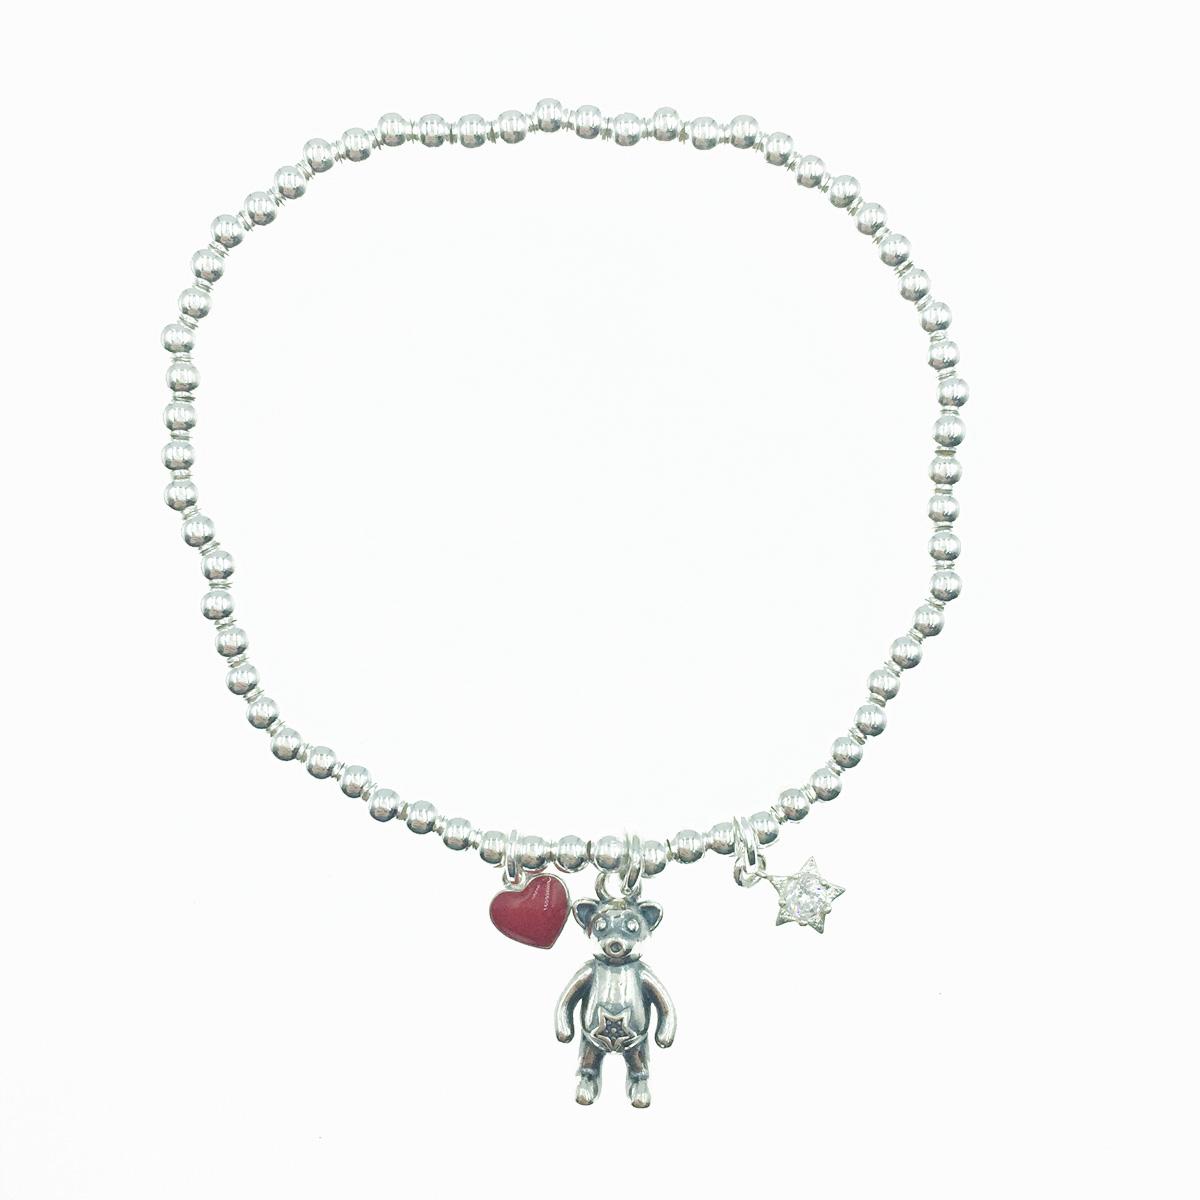 韓國 925純銀 紅心 垂墜小熊 星星水鑽 小銀珠 串珠 彈性 手飾 手鍊